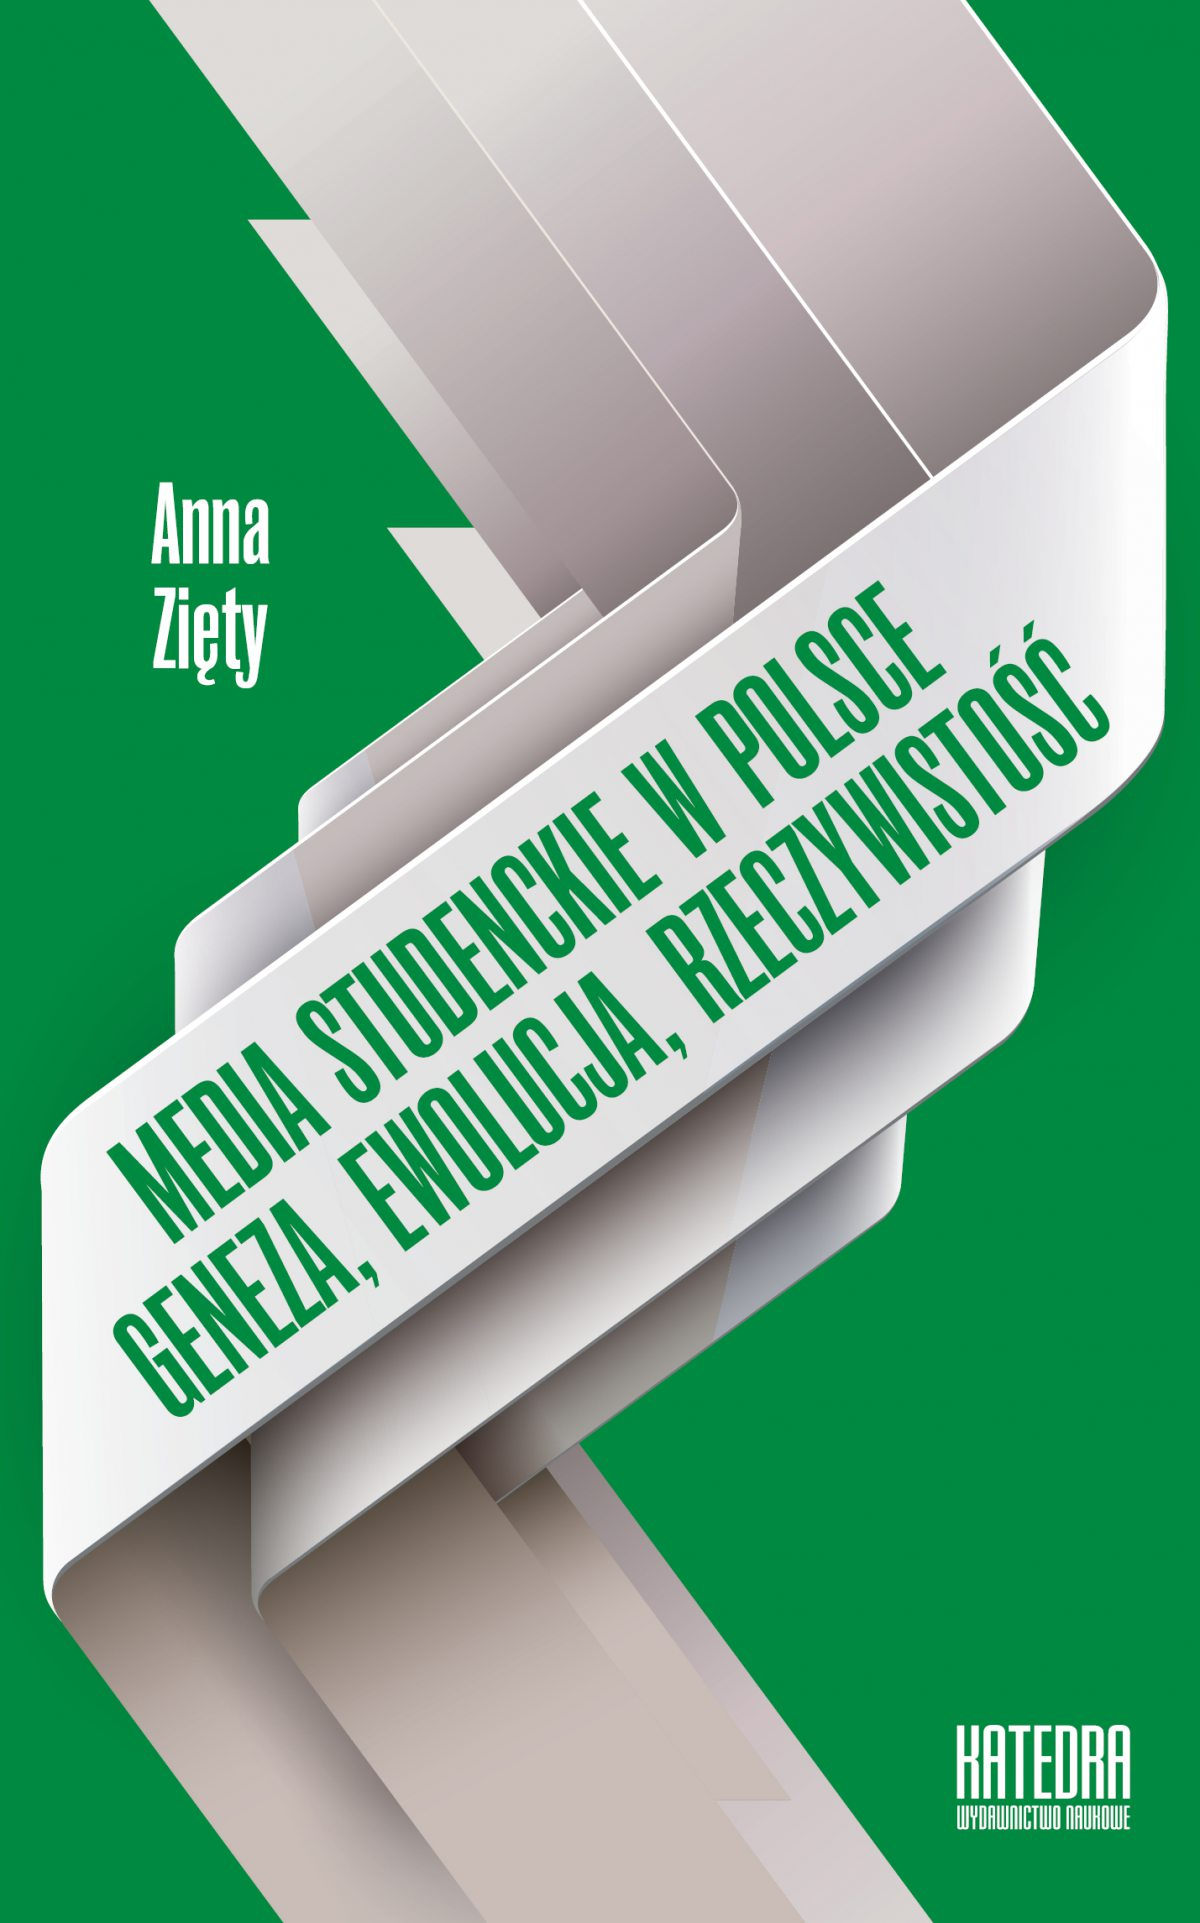 Media studenckie w Polsce. Geneza. Ewolucja. Rzeczywistość - Ebook (Książka EPUB) do pobrania w formacie EPUB